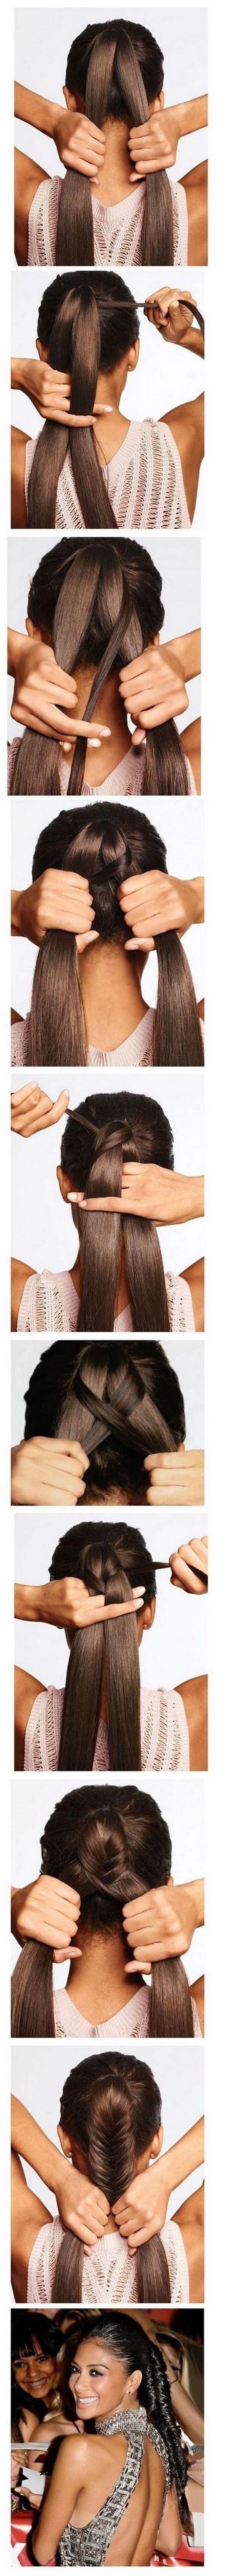 Easy hairstyles for everyday - Peinados rápidos y sencillos para todos los días.: